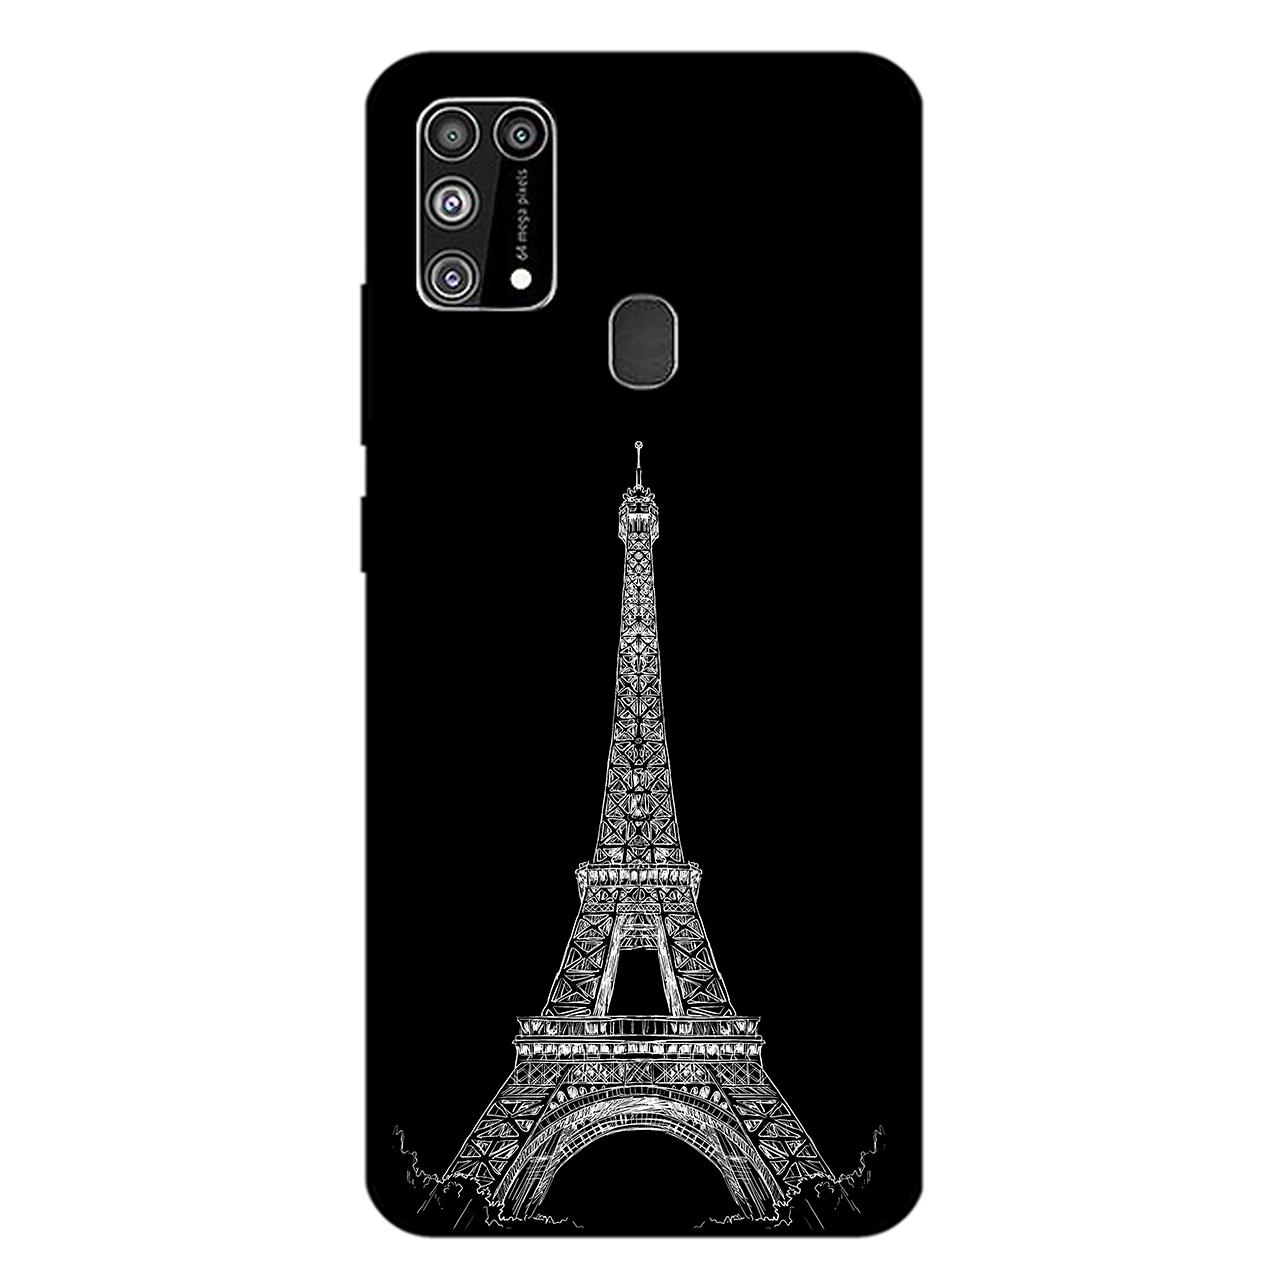 کاور کی اچ کد 6264 مناسب برای گوشی موبایل سامسونگ Galaxy M31                 ( قیمت و خرید)